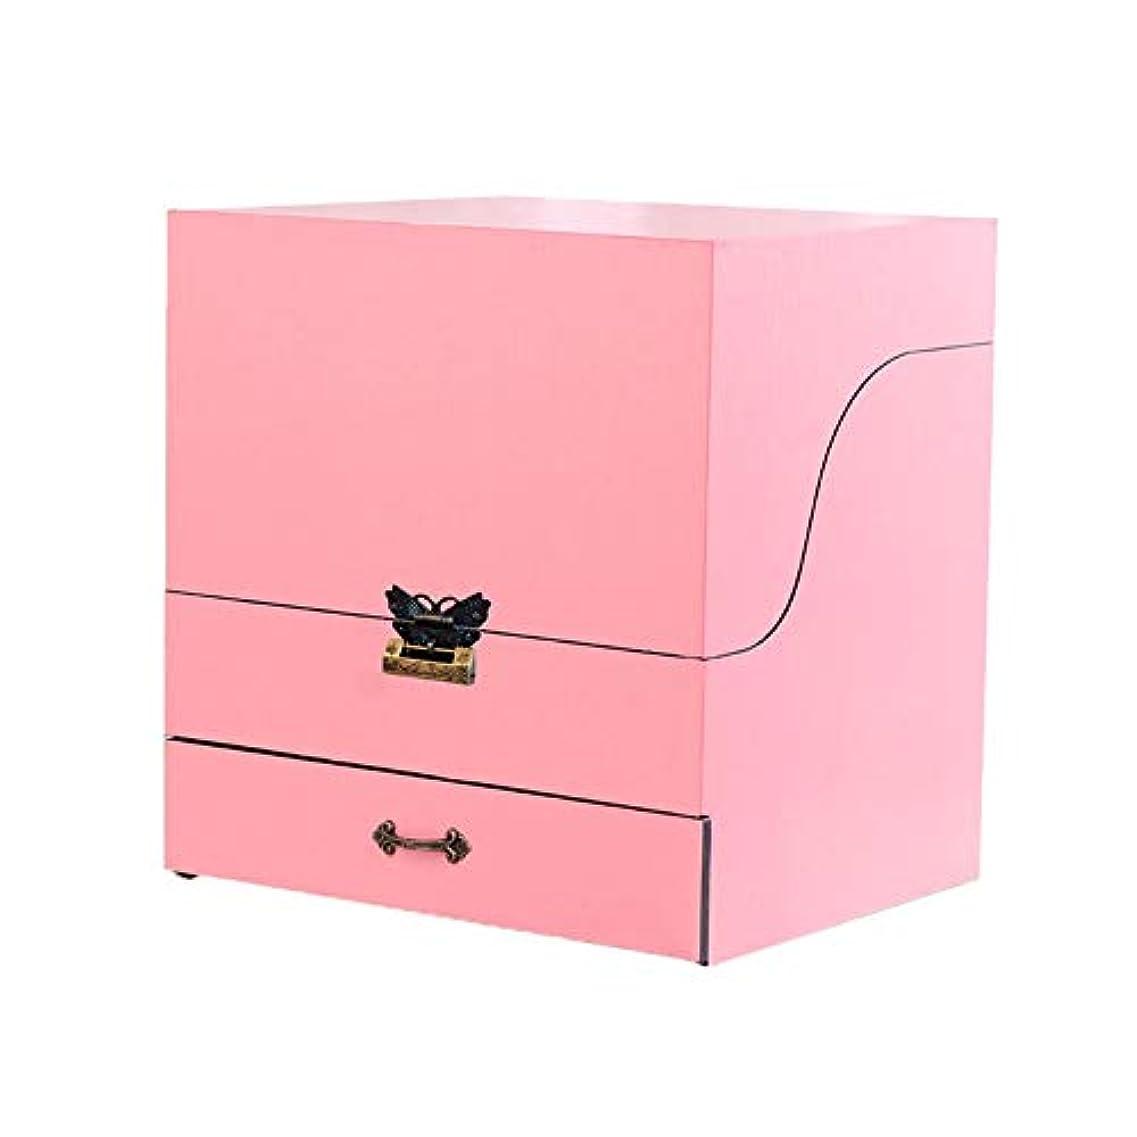 キャンバス既婚夕方メイクボックス コスメボックス ジュエリー収納ボックス 鏡付き 大容量 木製 化粧品収納 ジュエリー収納 小物入り おしゃれ 可愛い ホワイト コルク ピンク プレゼント